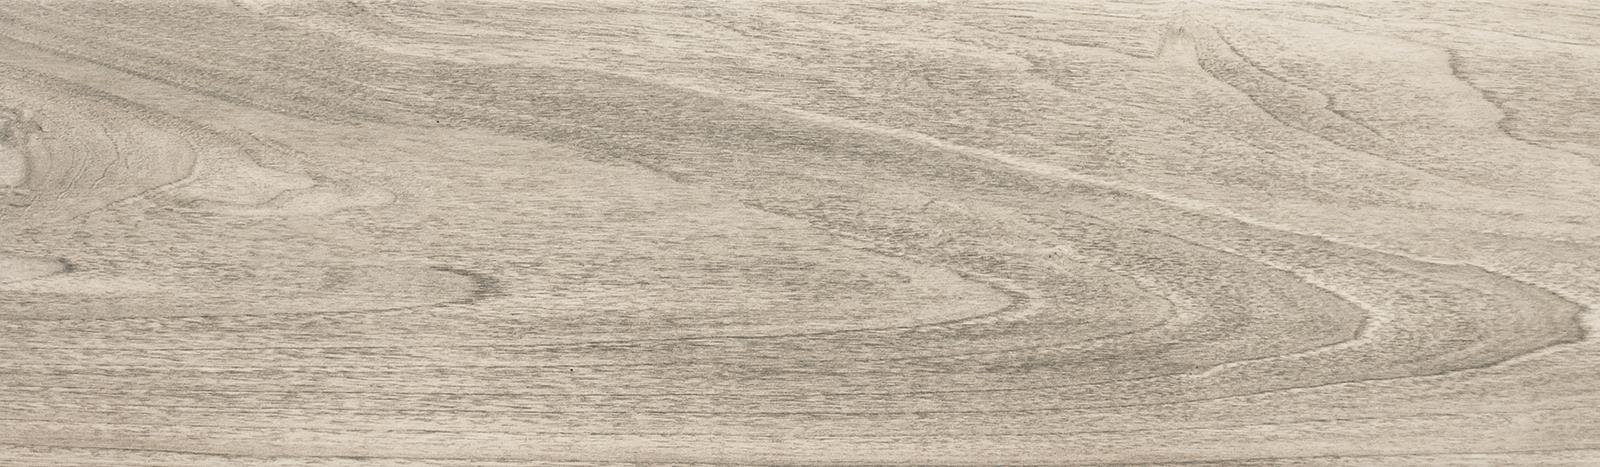 КЛИНКЕР Lussaca dust 17.5x60